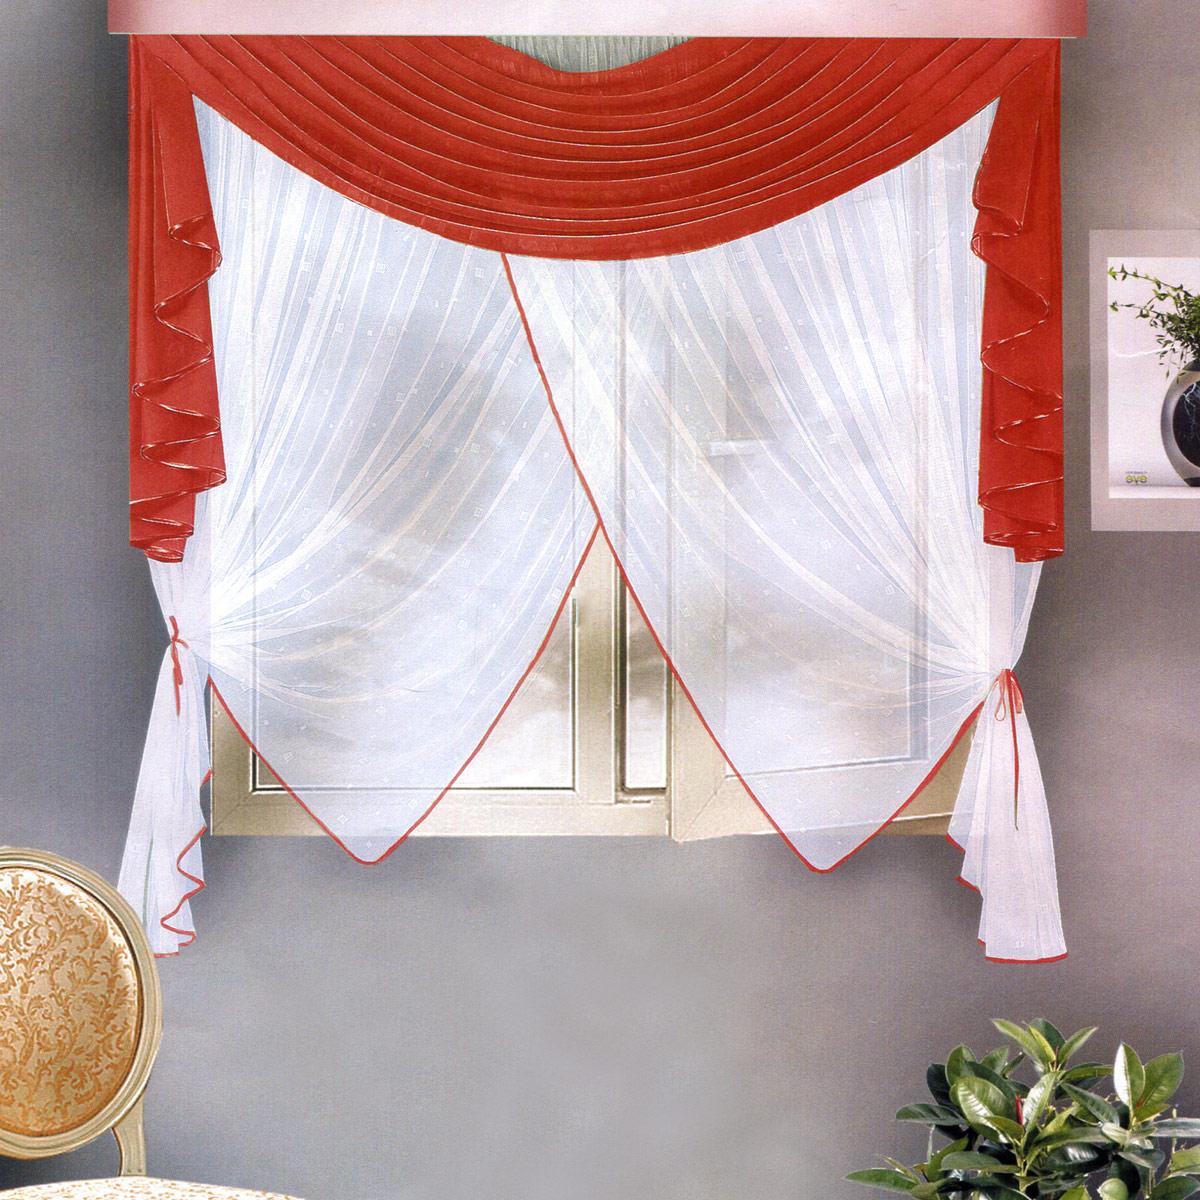 Комплект штор Zlata Korunka, на ленте, цвет: бордовый, высота 170 см. Б10819201Роскошный комплект штор Zlata Korunka, выполненный из полиэстера, великолепно украсит любое окно. Комплект состоит из ламбрекена и тюля. Воздушная ткань и приятная, приглушенная гамма привлекут к себе внимание и органично впишутся в интерьер помещения. Этот комплект будет долгое время радовать вас и вашу семью! Шторы крепятся на карниз при помощи ленты, которая поможет красиво и равномерно задрапировать верх. Тюль можно зафиксировать в одном положении с помощью двух подхватов в виде атласных лент.